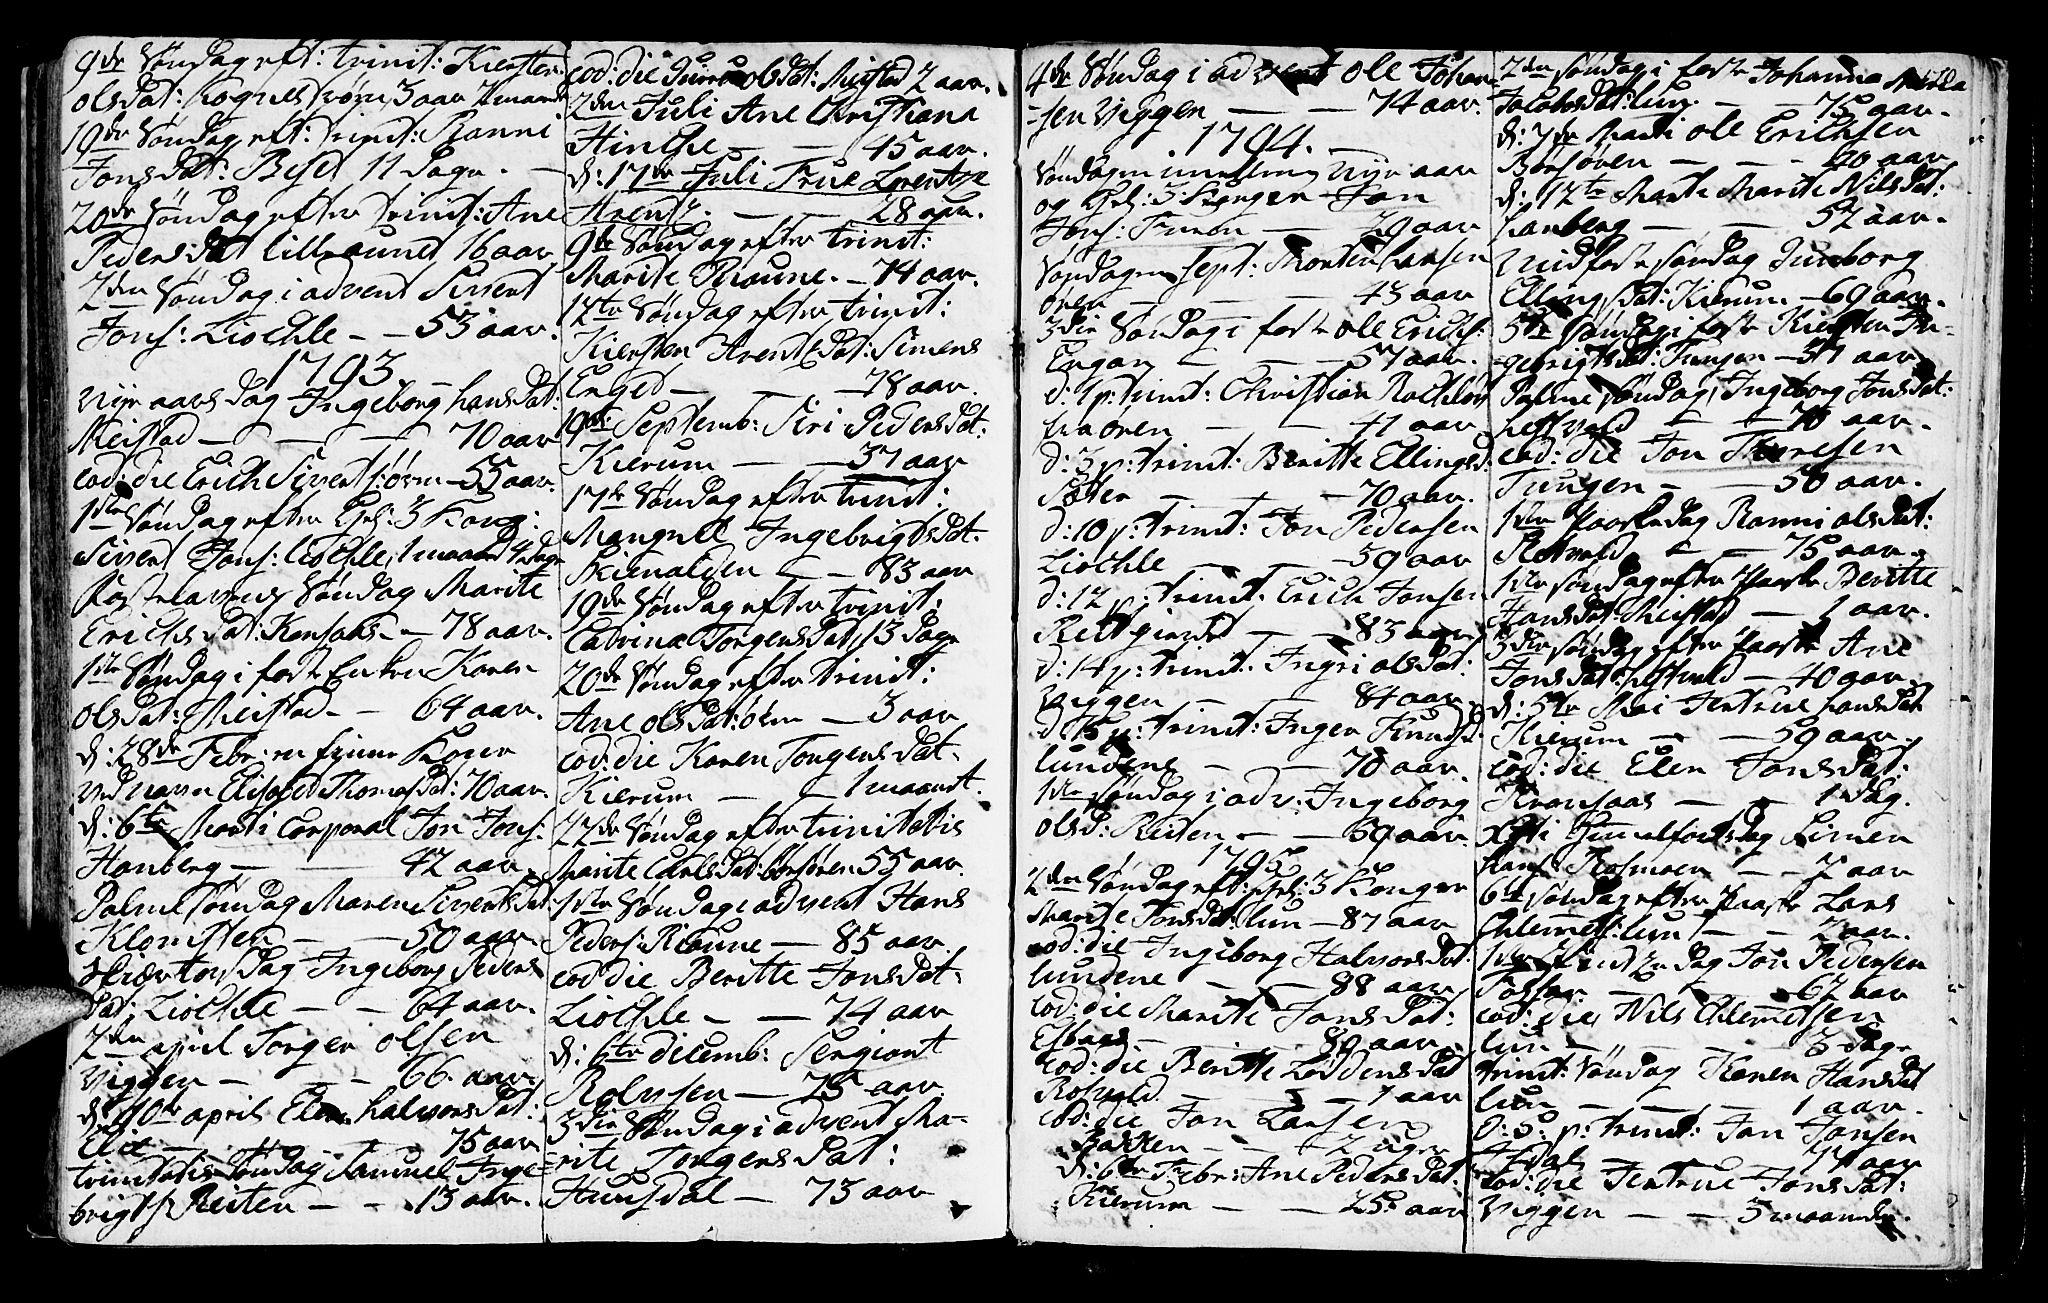 SAT, Ministerialprotokoller, klokkerbøker og fødselsregistre - Sør-Trøndelag, 665/L0768: Ministerialbok nr. 665A03, 1754-1803, s. 170